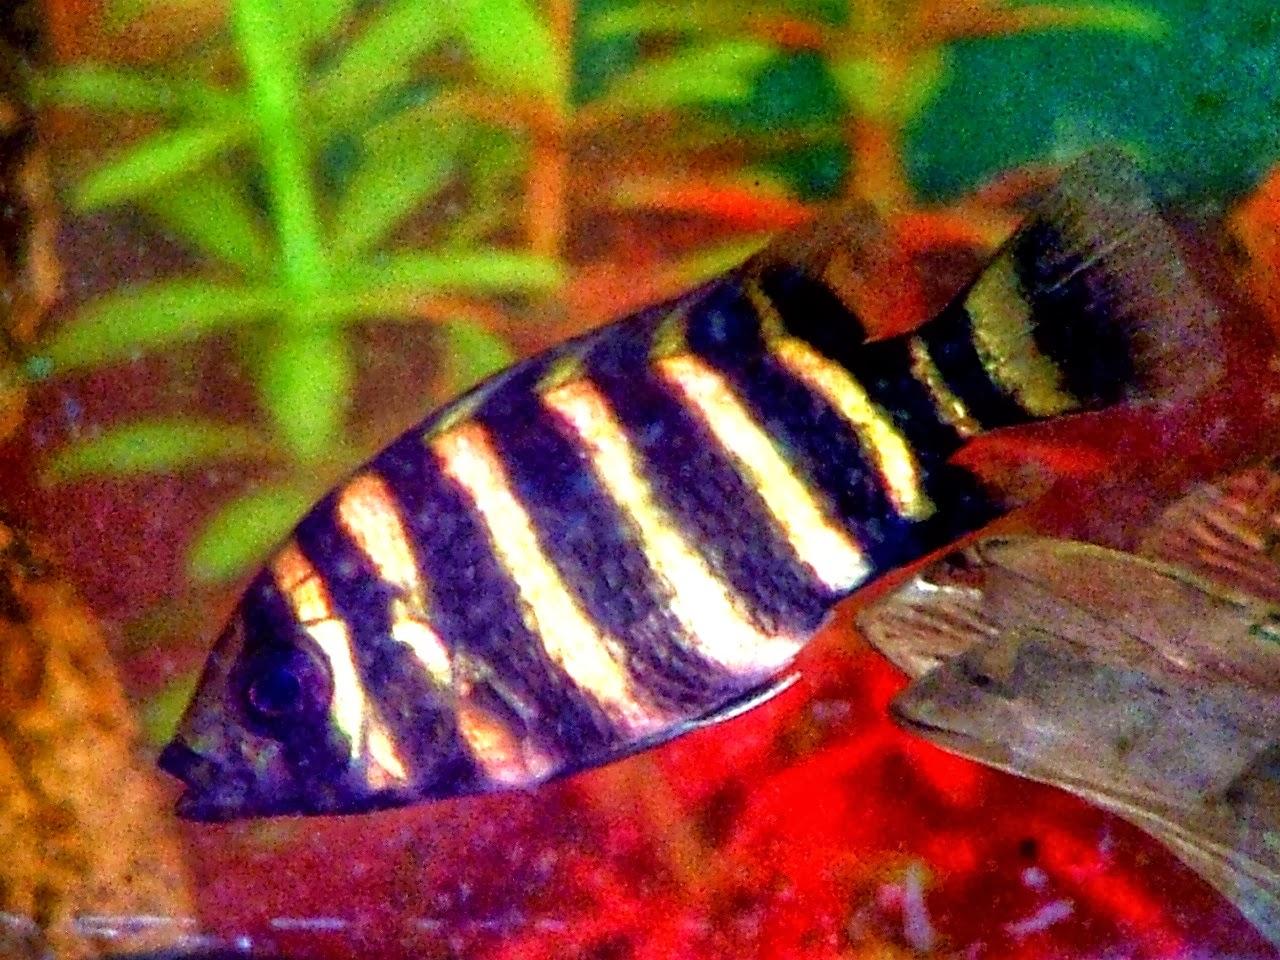 fishshare.blogspot-ikan%2Bhias%2Bair%2Btawar%2B1%2B(2).jpg